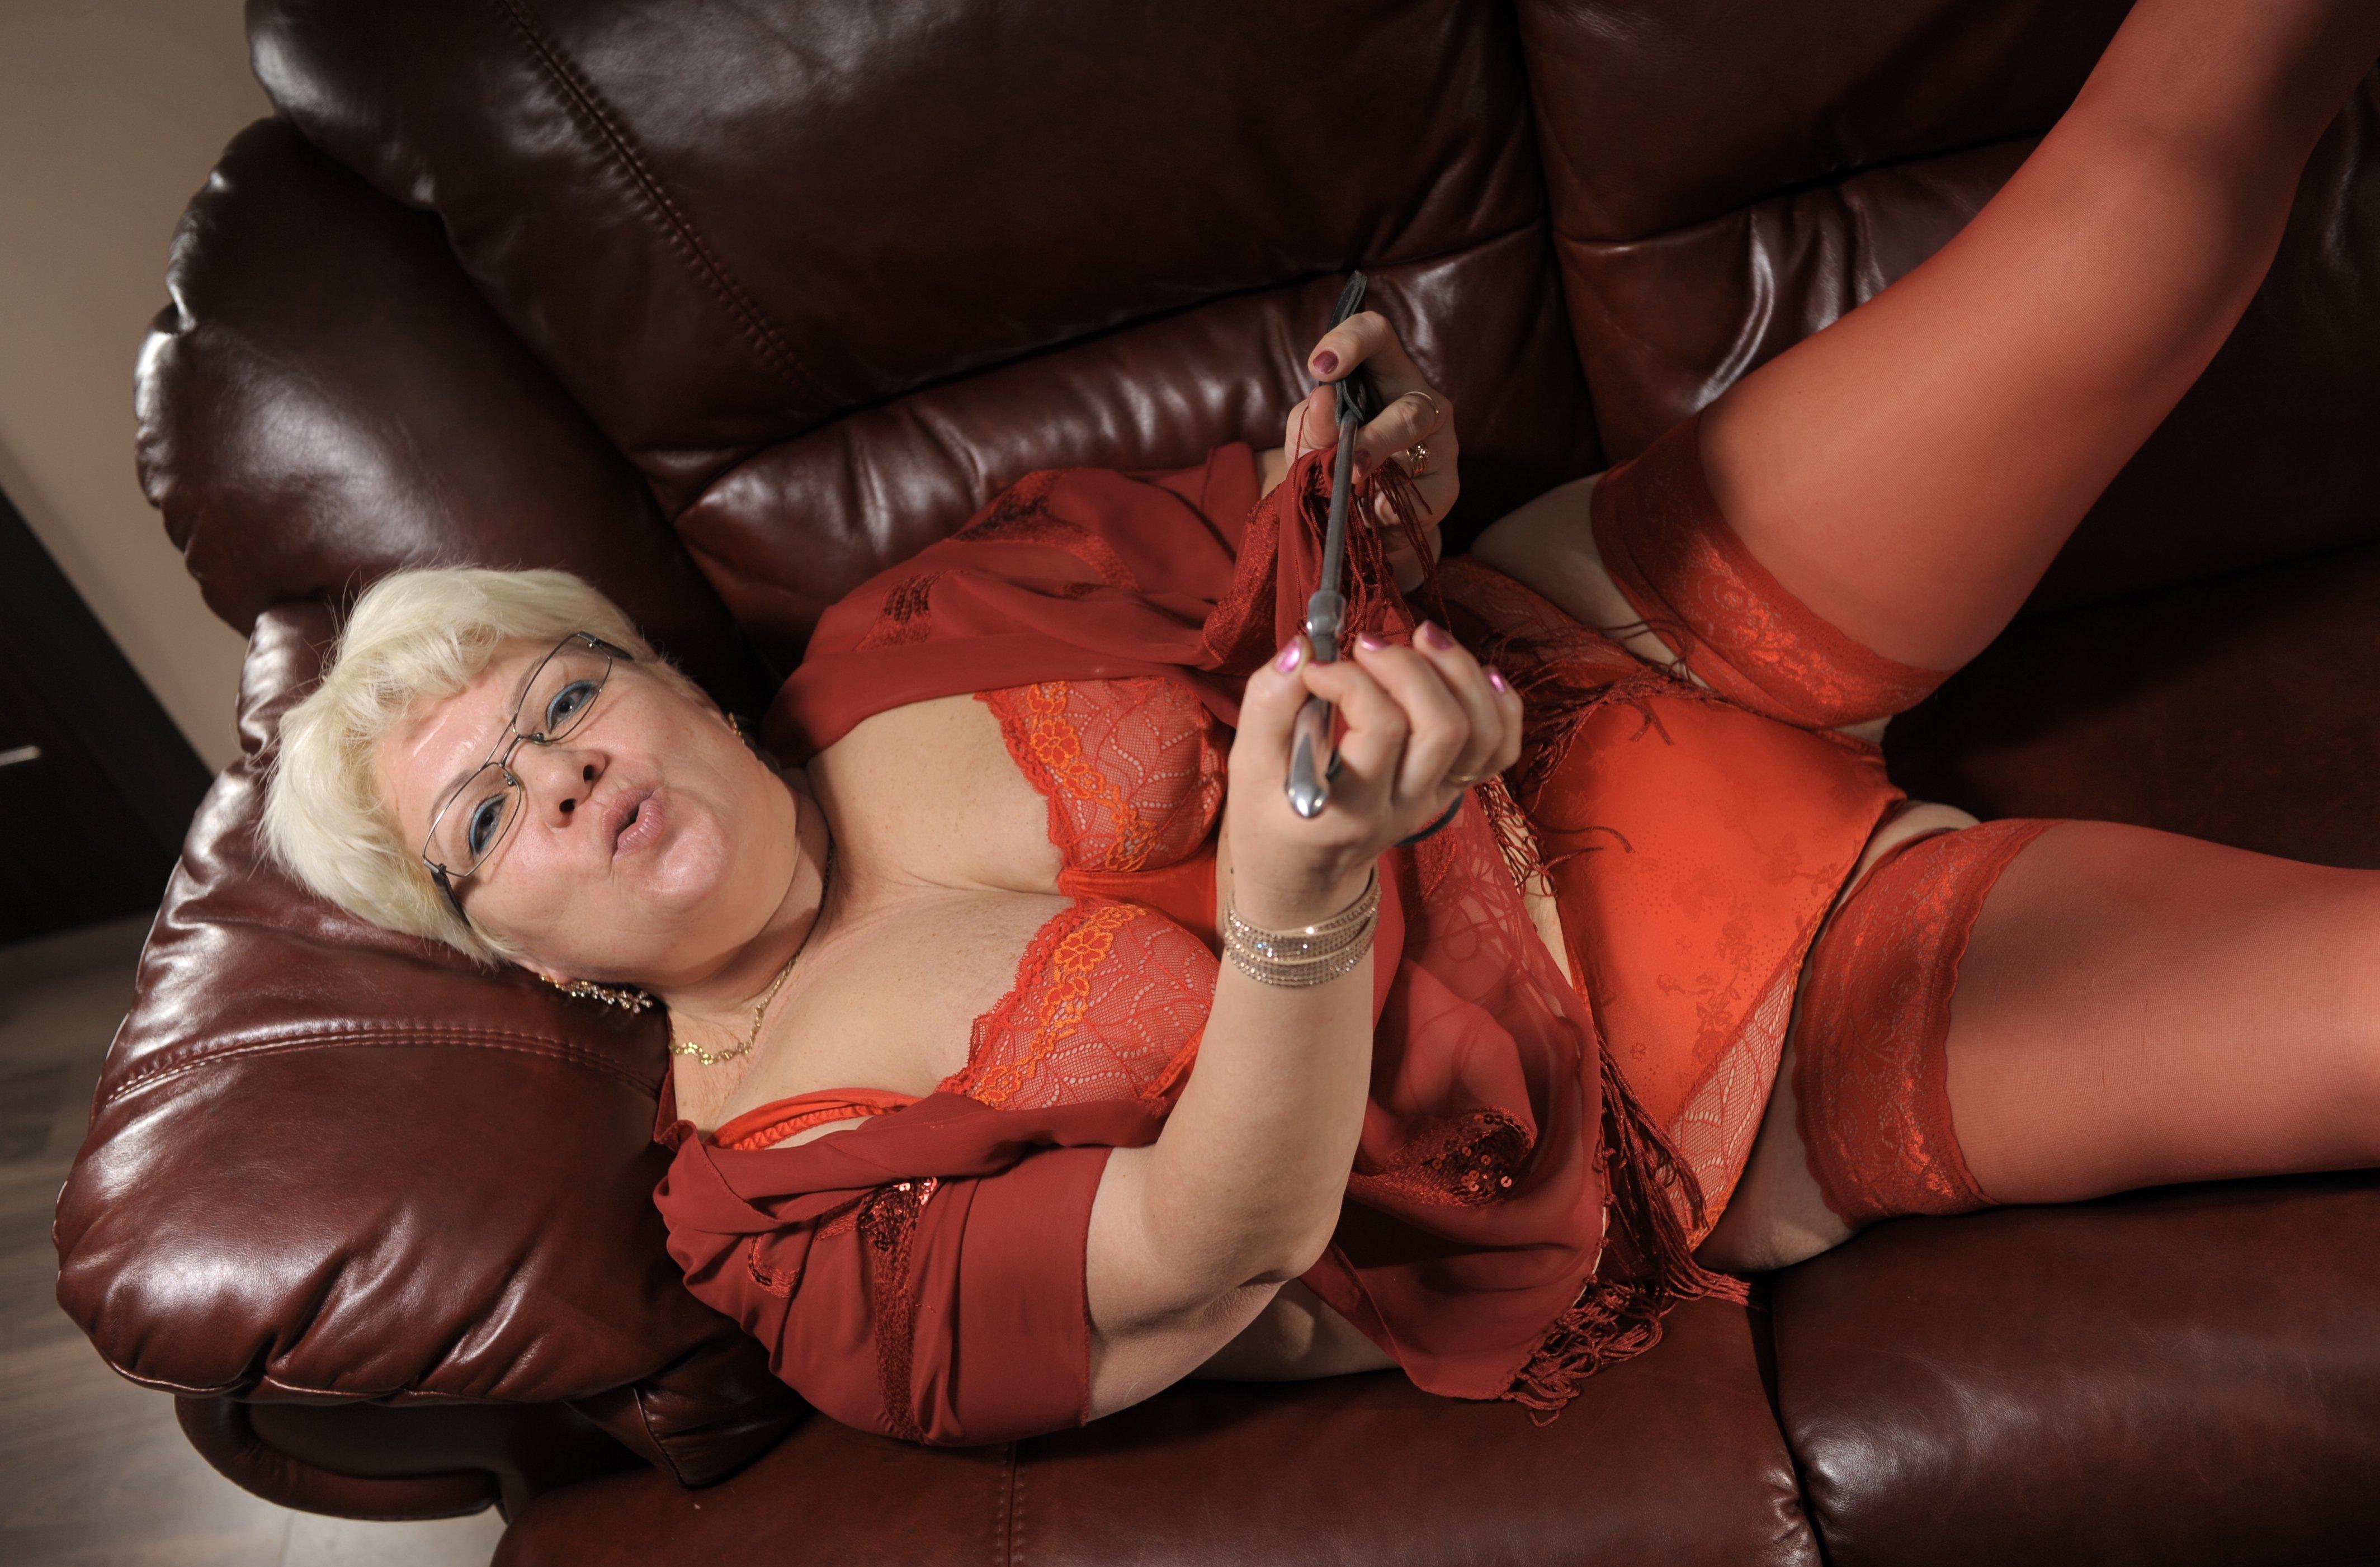 Дорогие проститутки барнаула, как гинеколог осматривает женщин видео